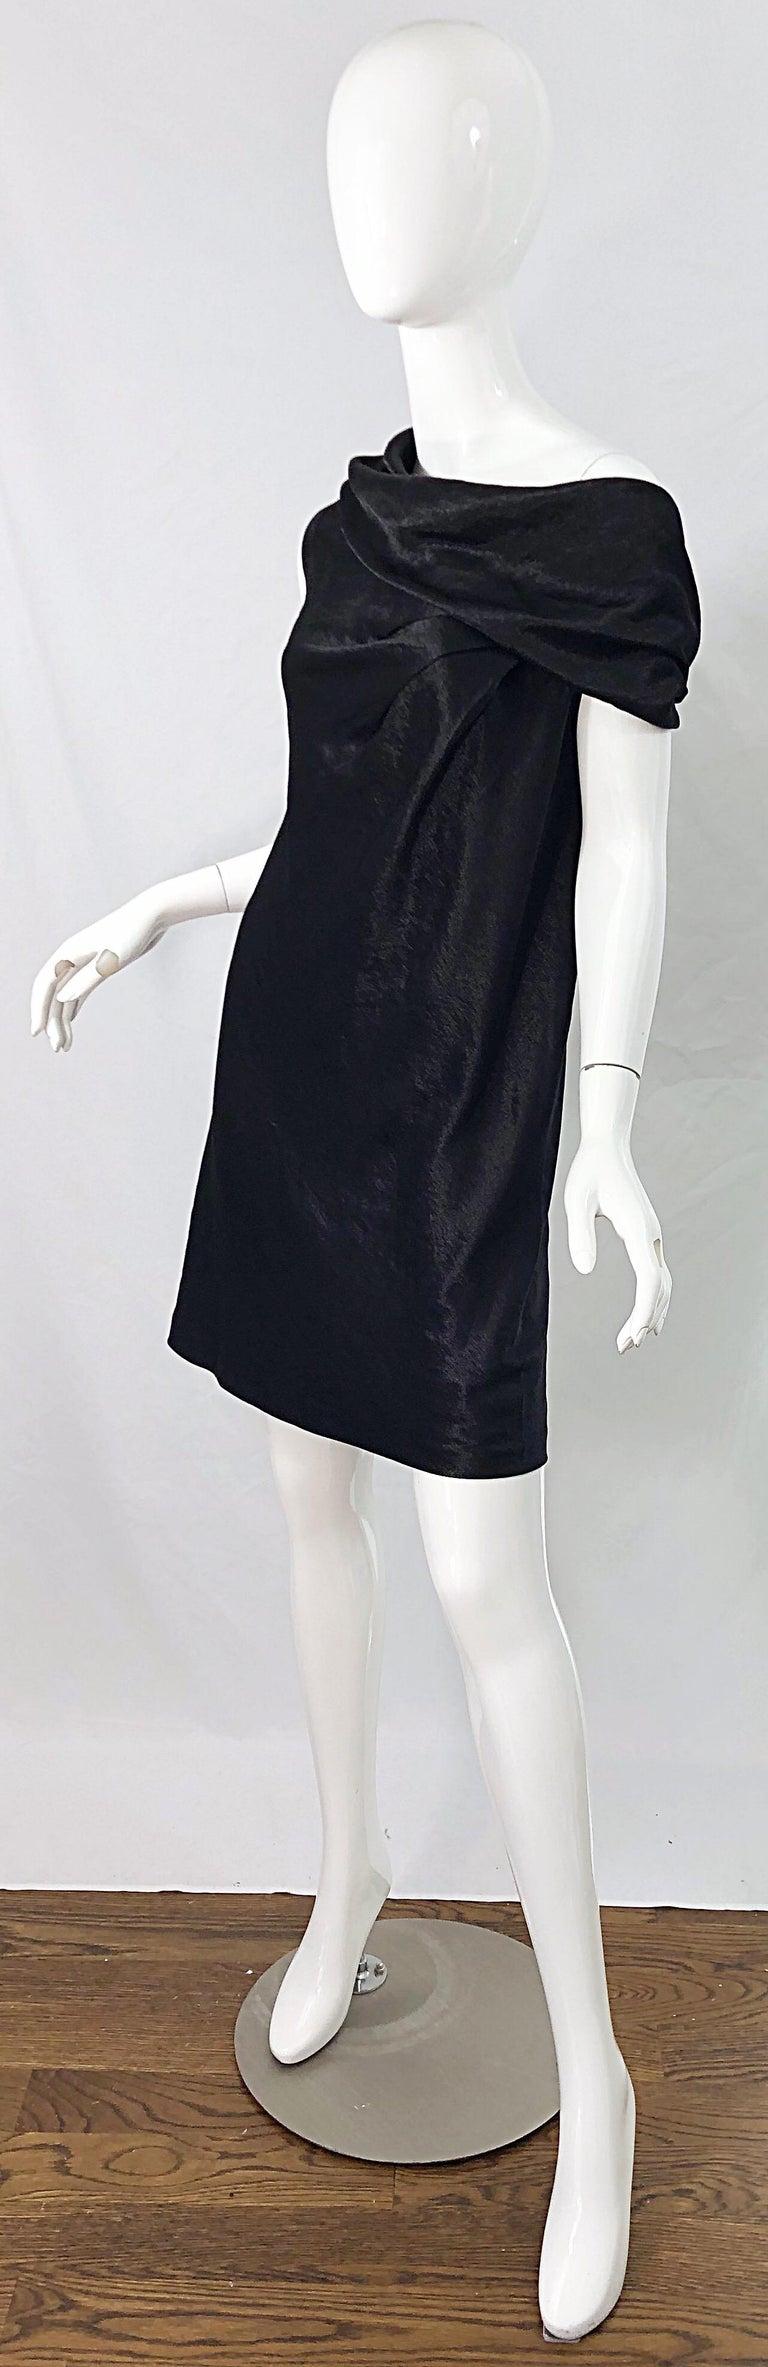 NWT 1990s Donna Karan Size 8 Black Metallic Rayon Off - Shoulder Vintage Dress For Sale 2